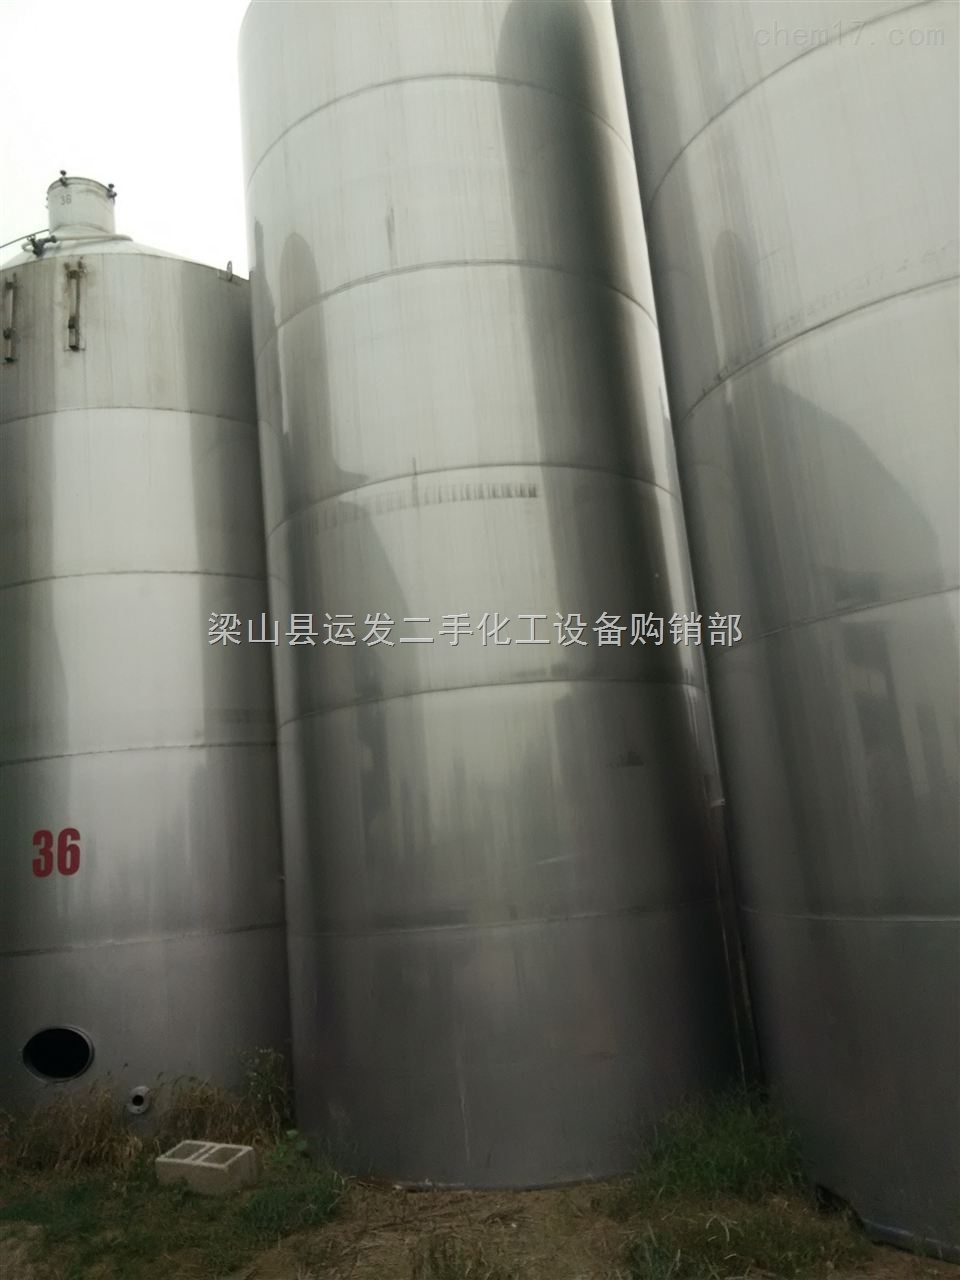 二手50立方不锈钢储罐供应